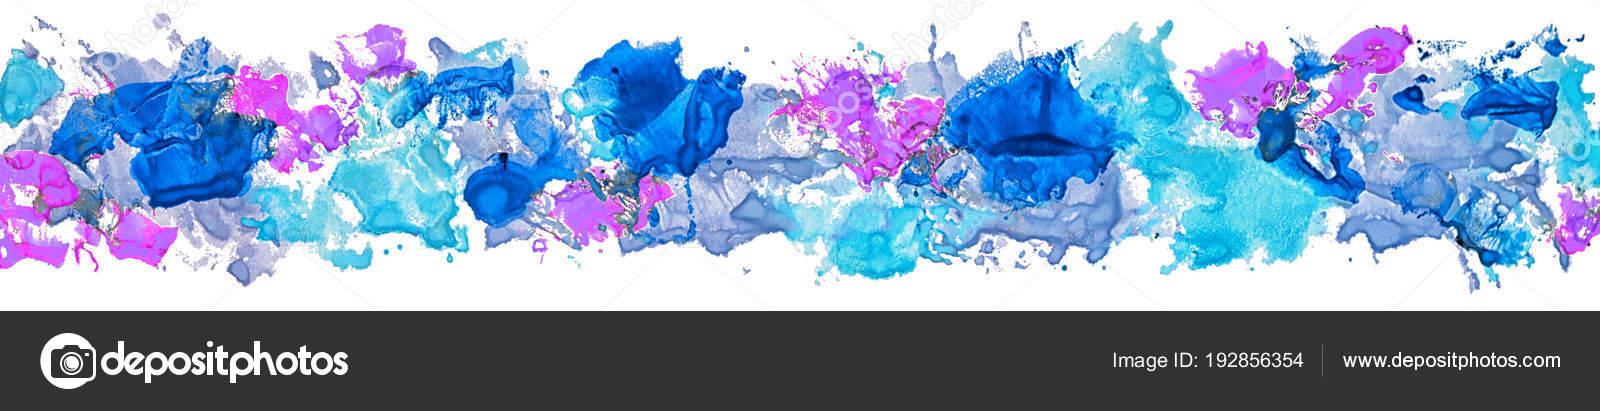 Coup Pinceau Tache Peinture Acrylique Frontière Longue Gouache Color